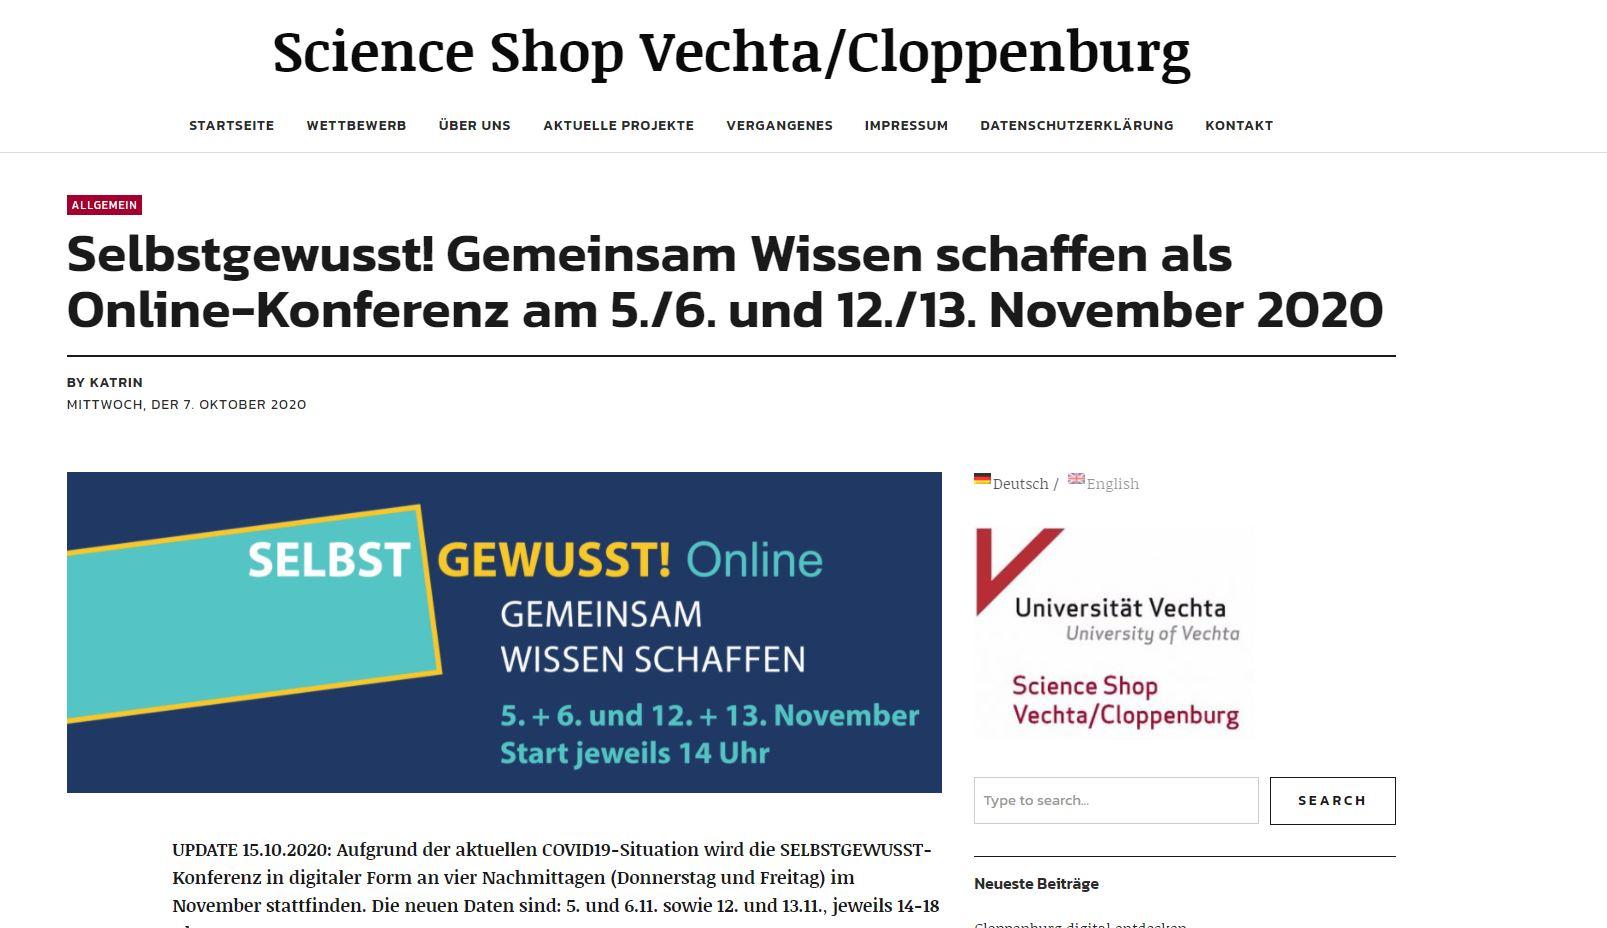 VTTNetz hat sich an der selbstgewusst-Konferenz in Cloppenburg mit einem Video beteiligt.